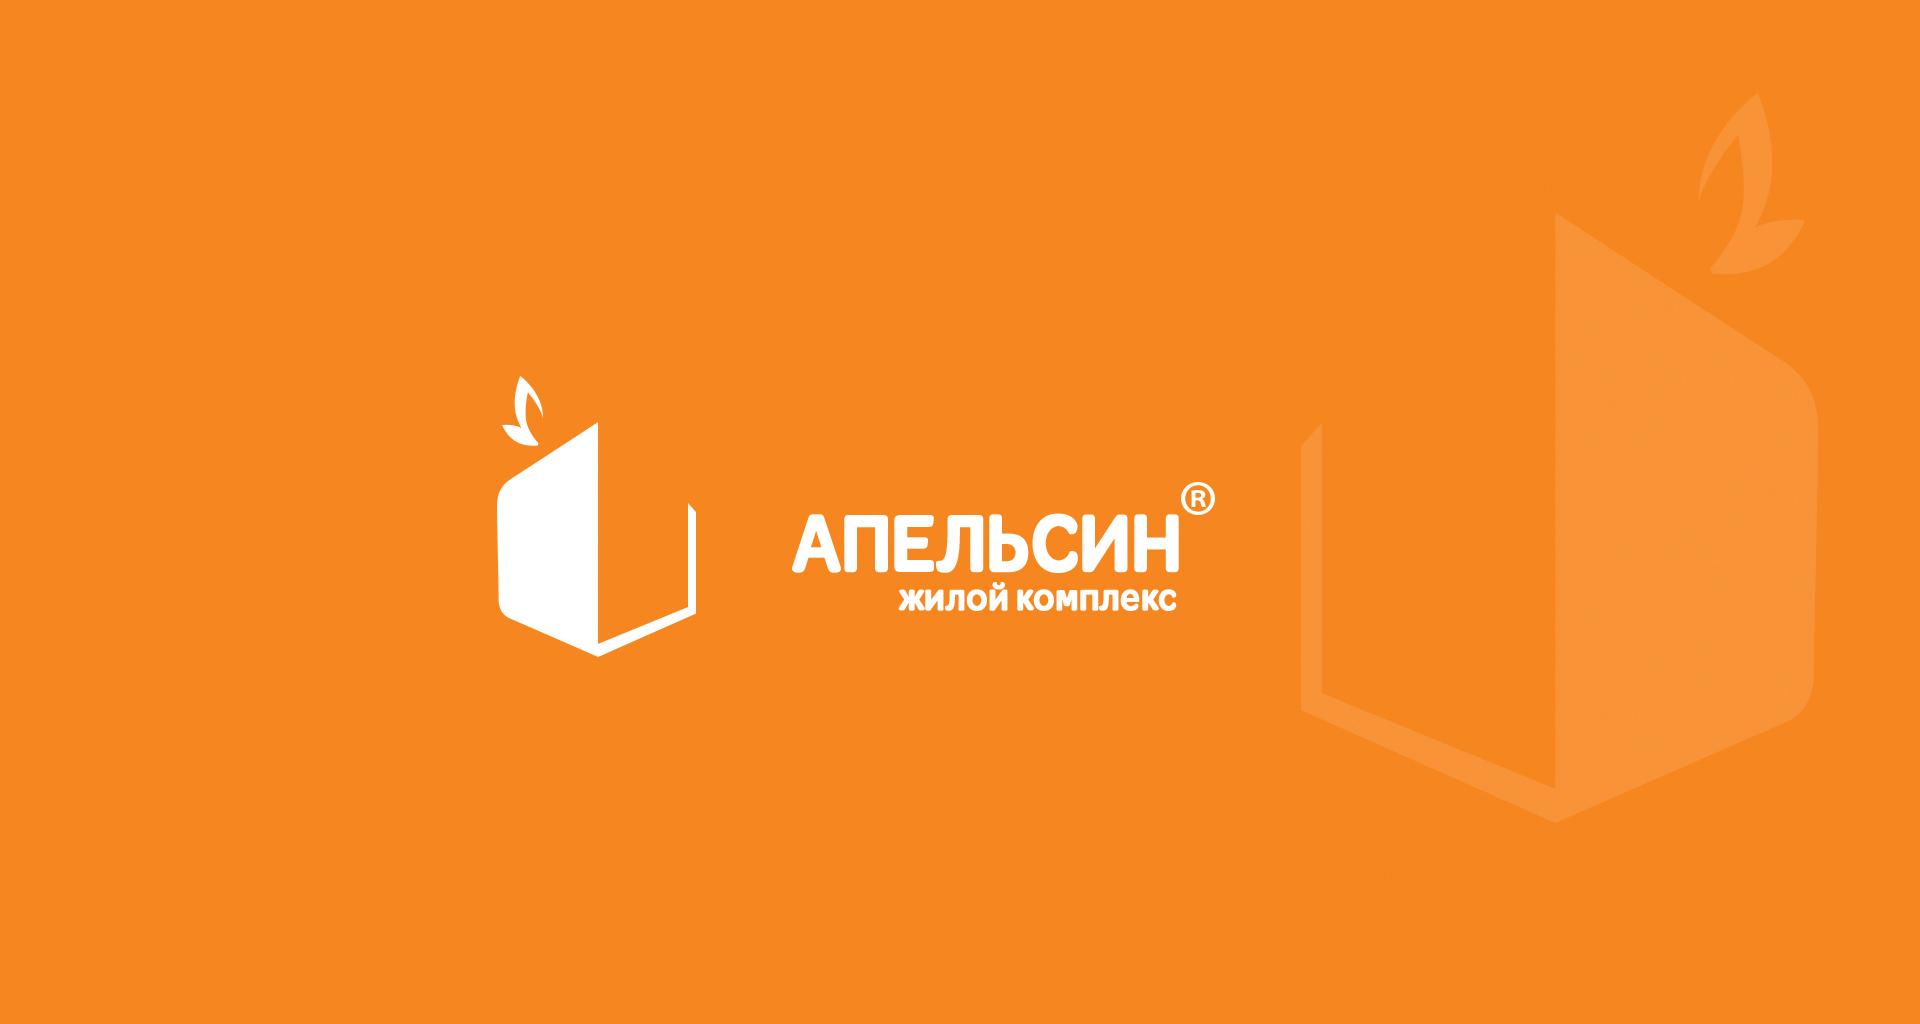 Логотип и фирменный стиль фото f_6375a61311bc6d34.jpg